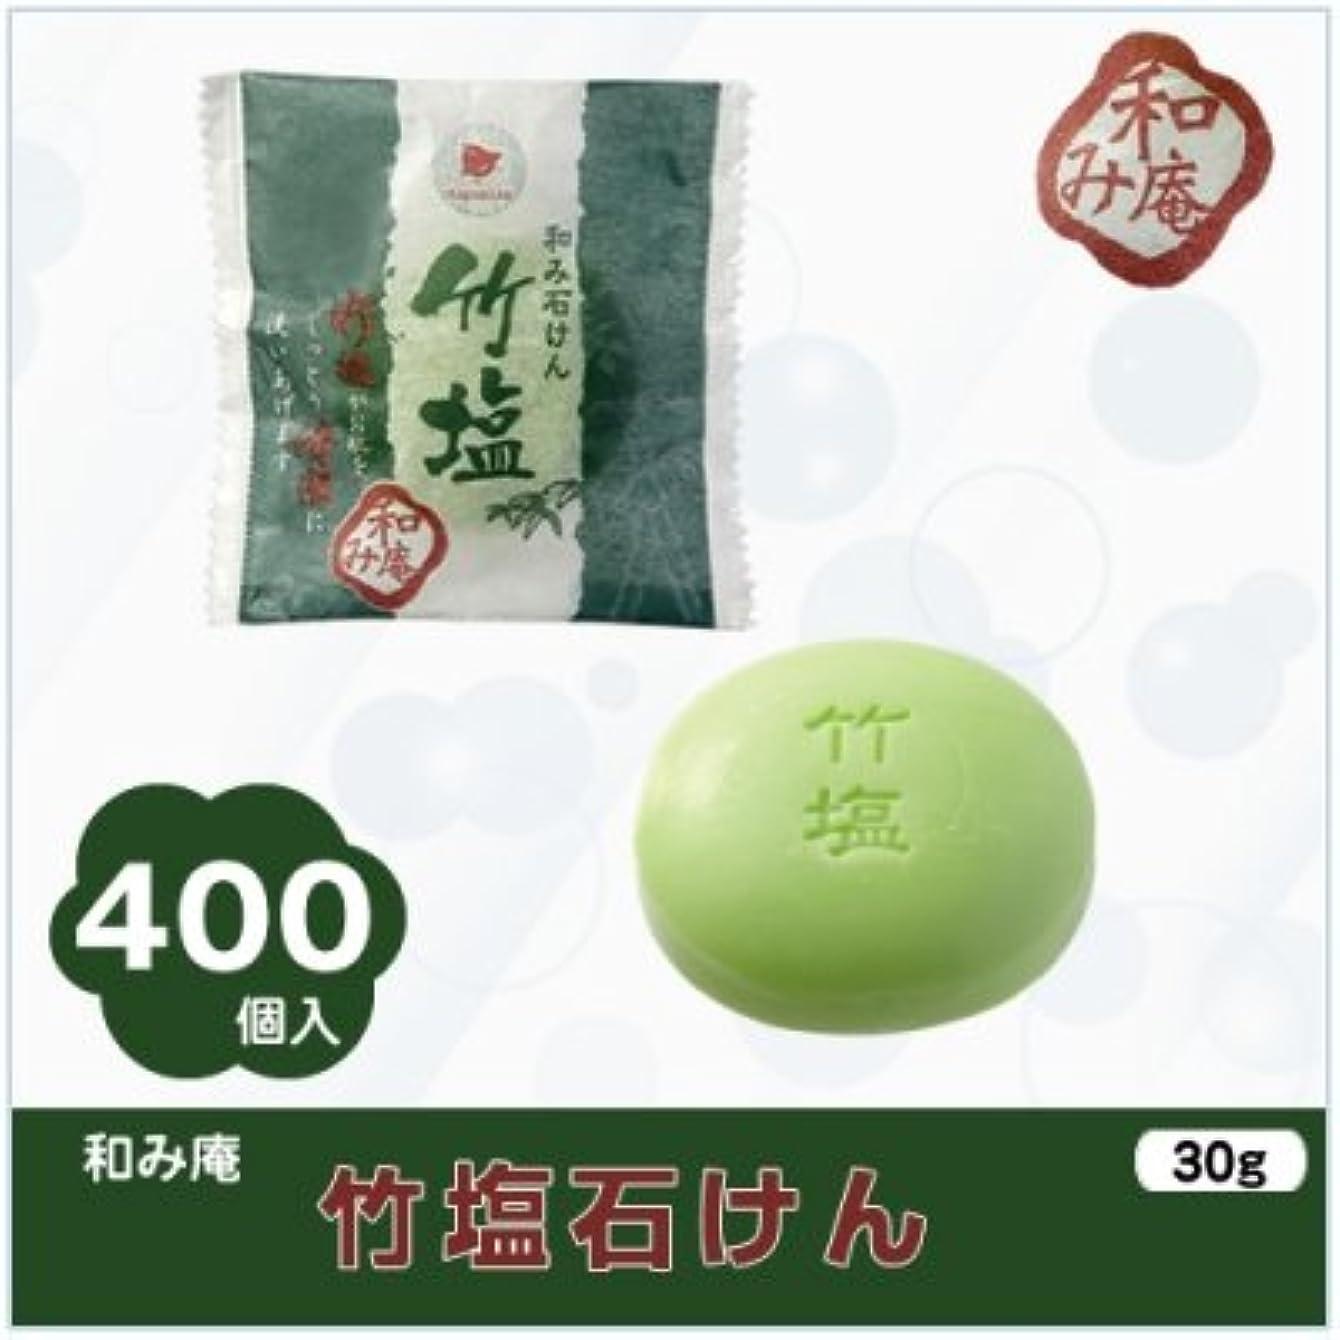 和み庵 竹塩石鹸 30g (120個1セット)